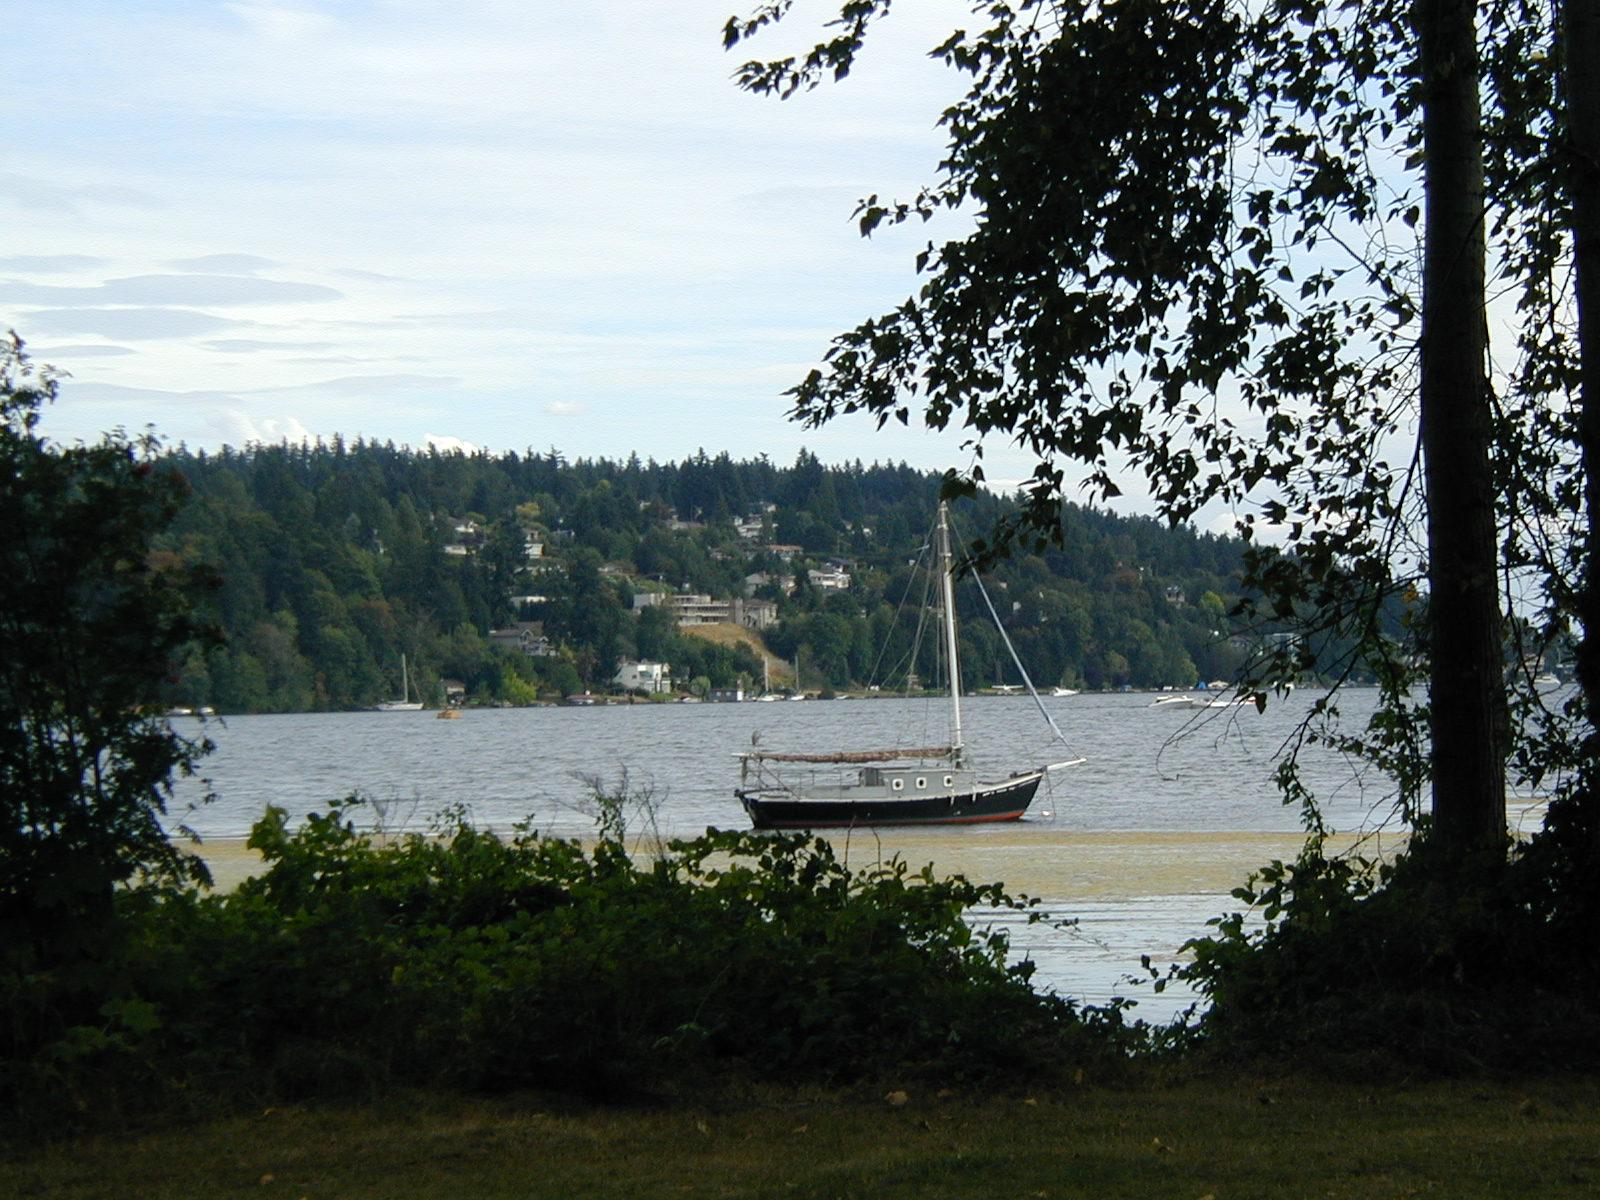 Biking around Lake Washington